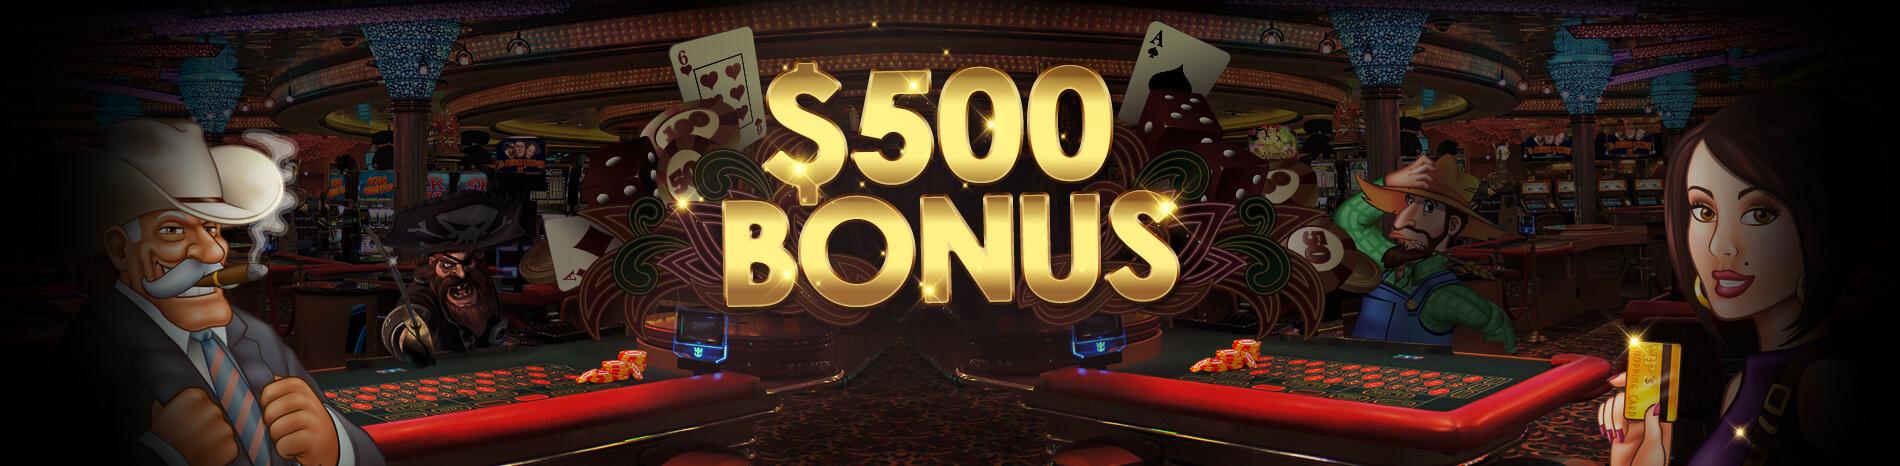 500 Casino Bonus -474475